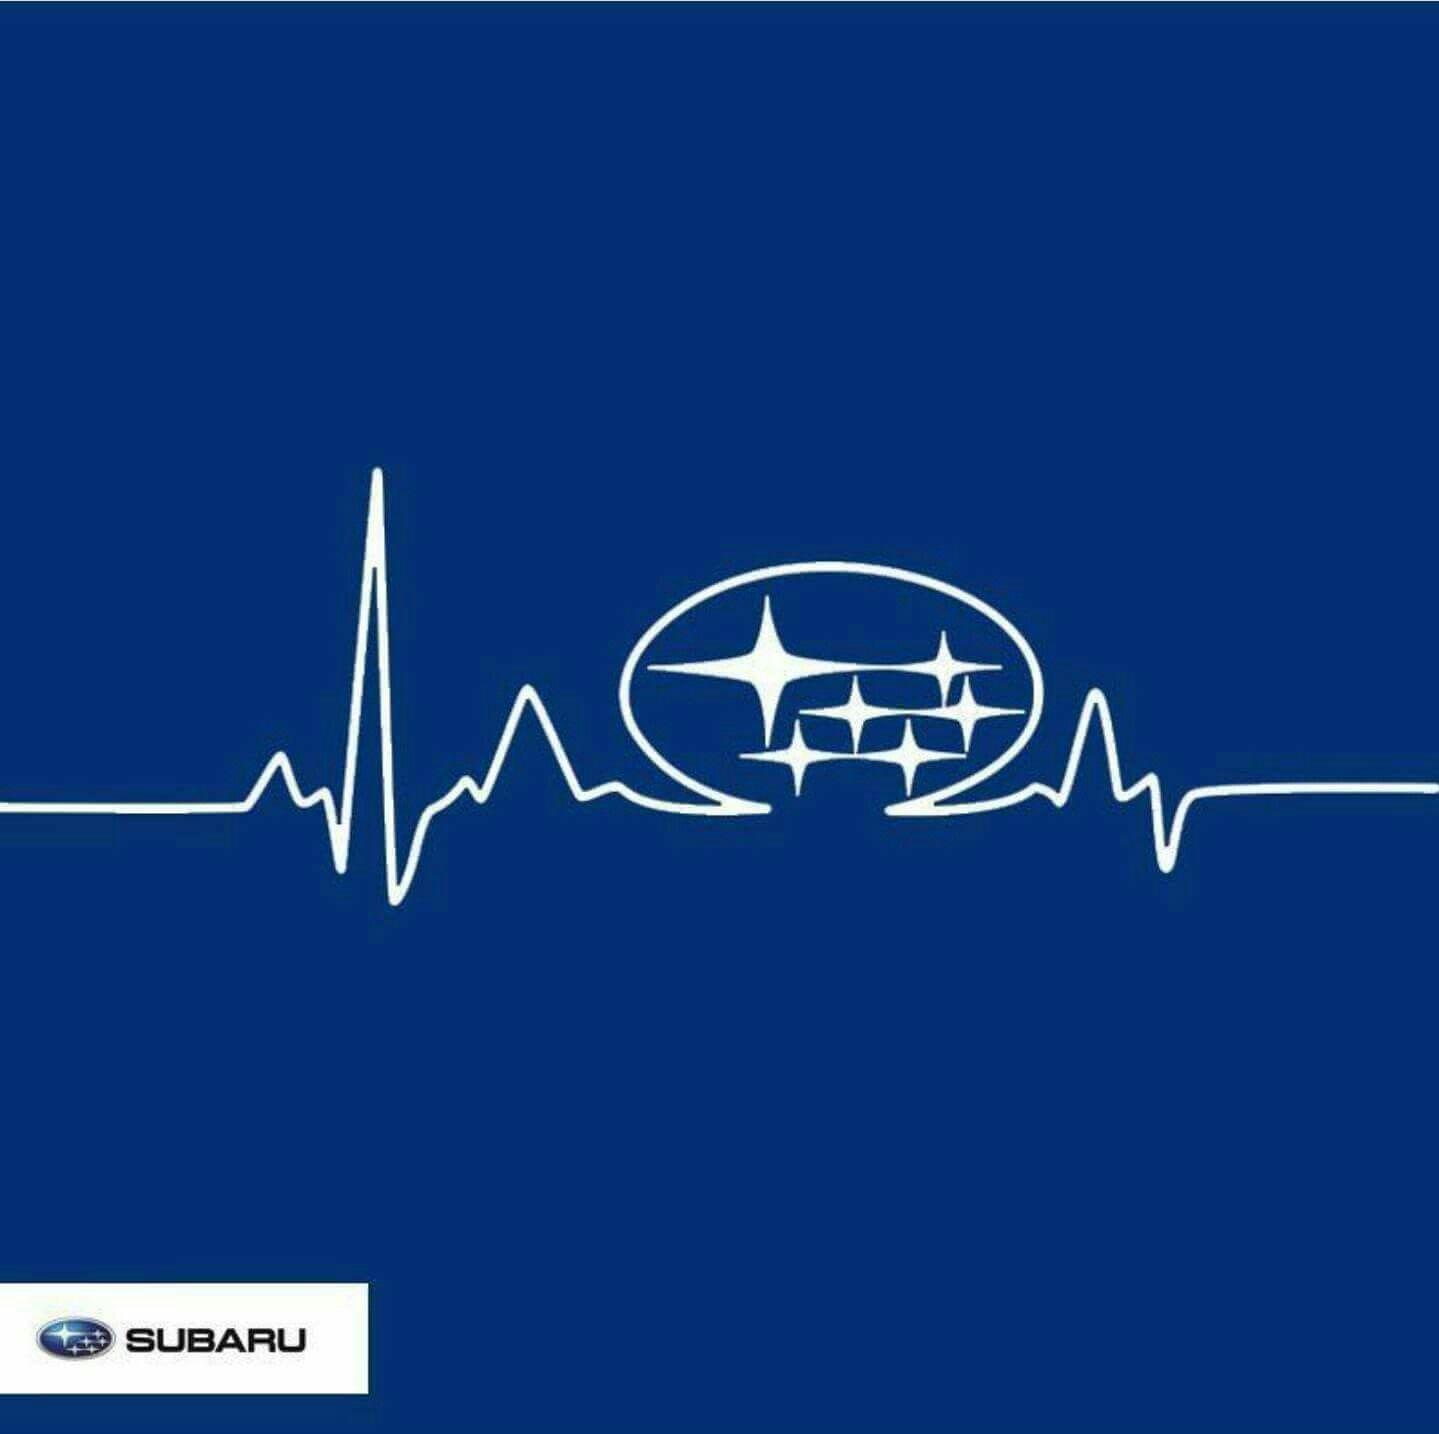 Pin By Karen Thorpe On Logoswallpaper Ect Pinterest Subaru